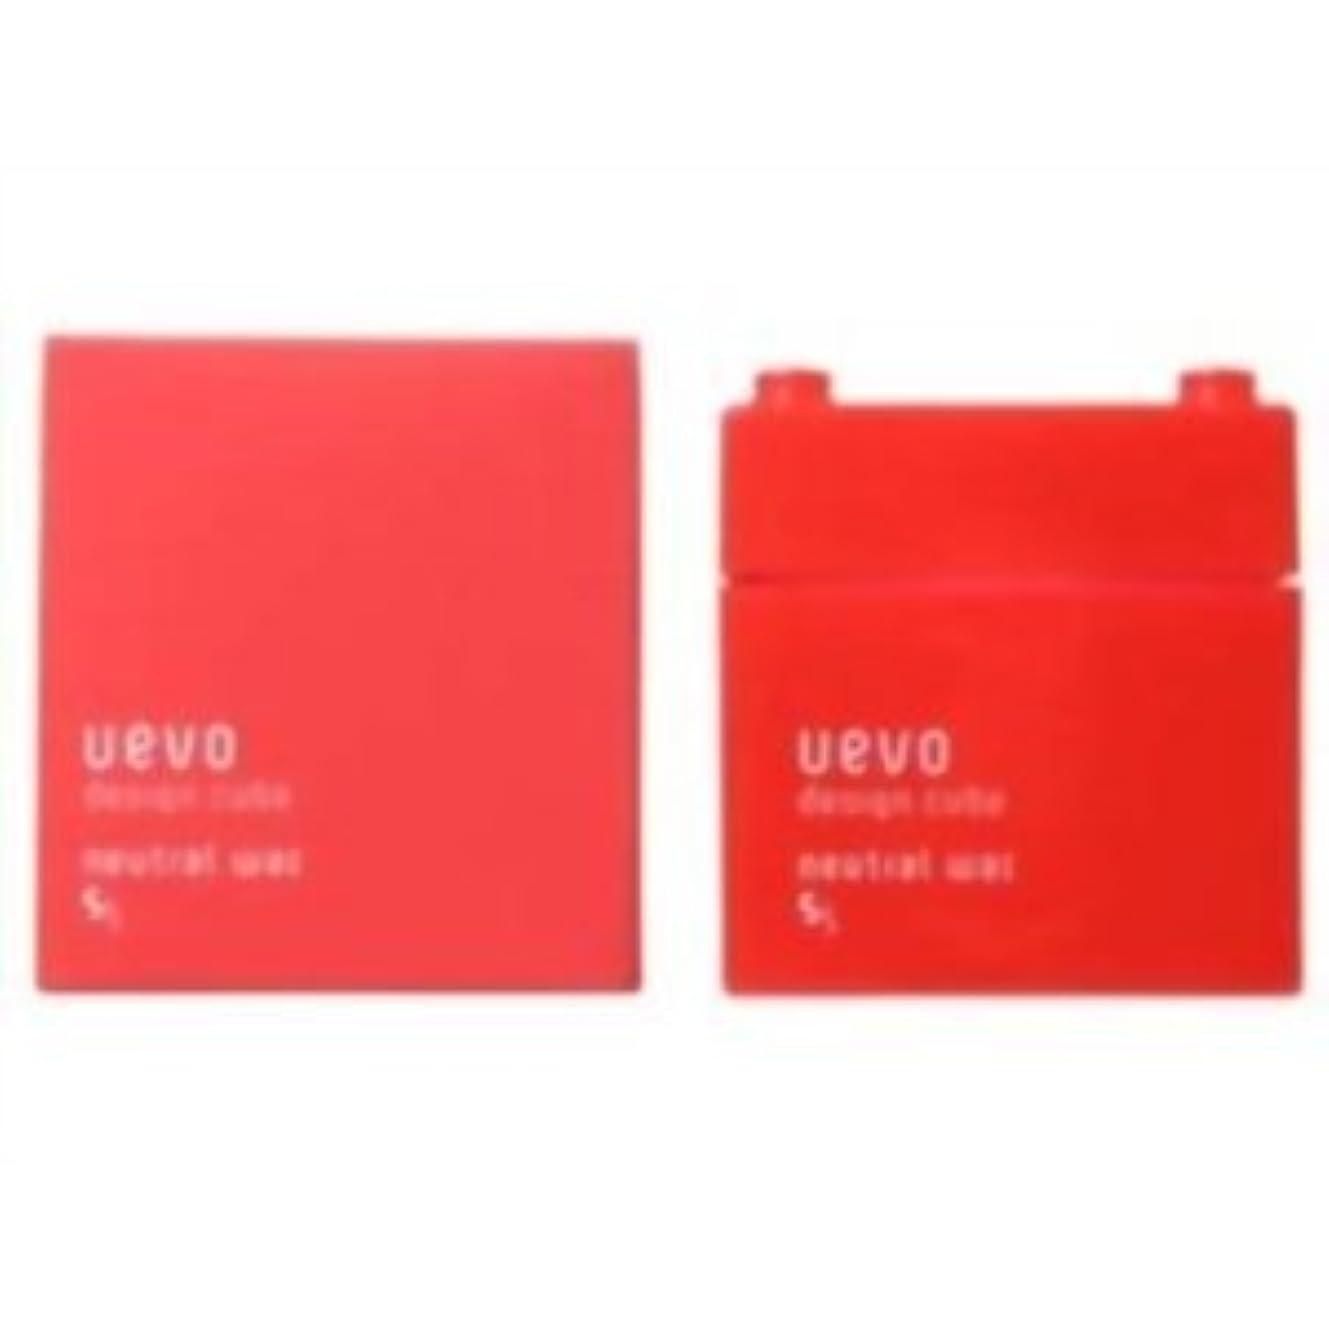 試す表面的な株式【X2個セット】 デミ ウェーボ デザインキューブ ニュートラルワックス 80g neutral wax DEMI uevo design cube